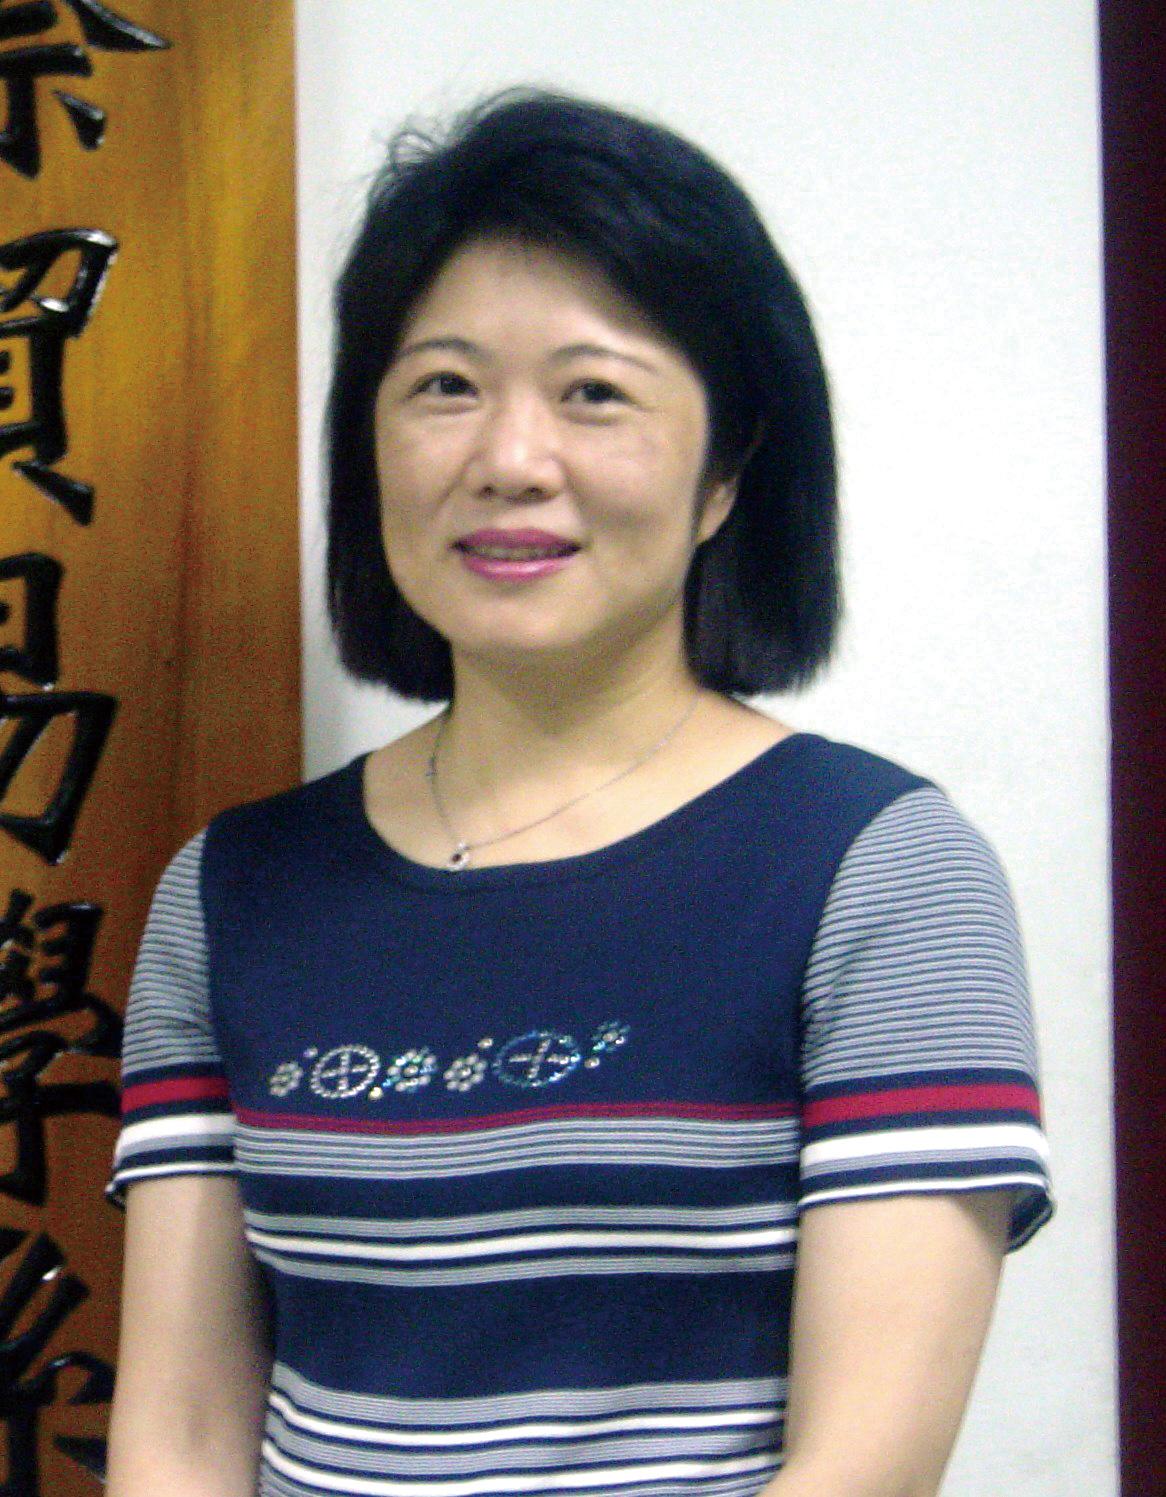 教師 「謝文雀」老師照片